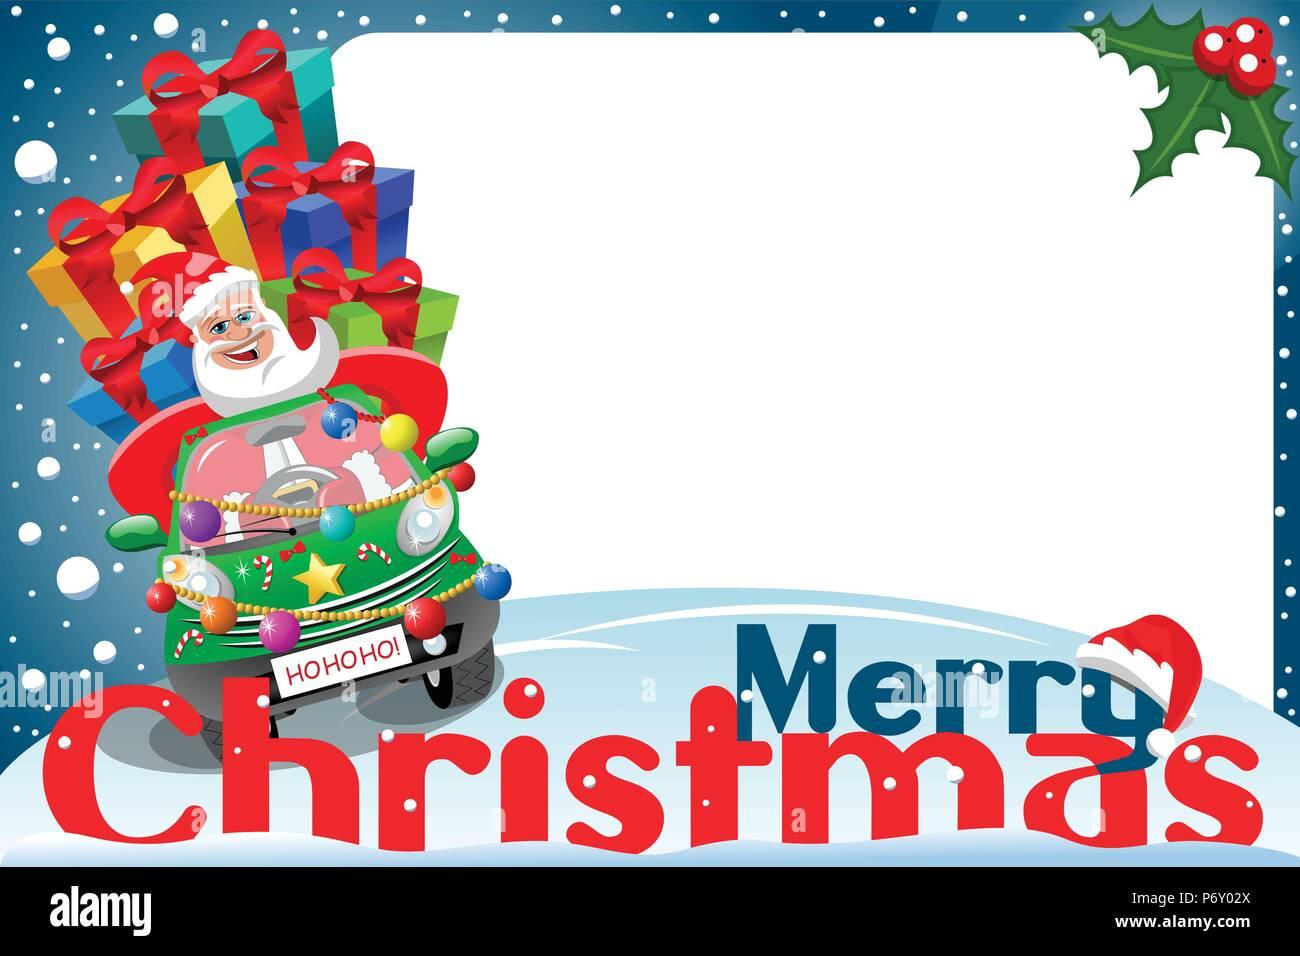 Christmas frame with santa claus driving car full of gifts at xmas ...